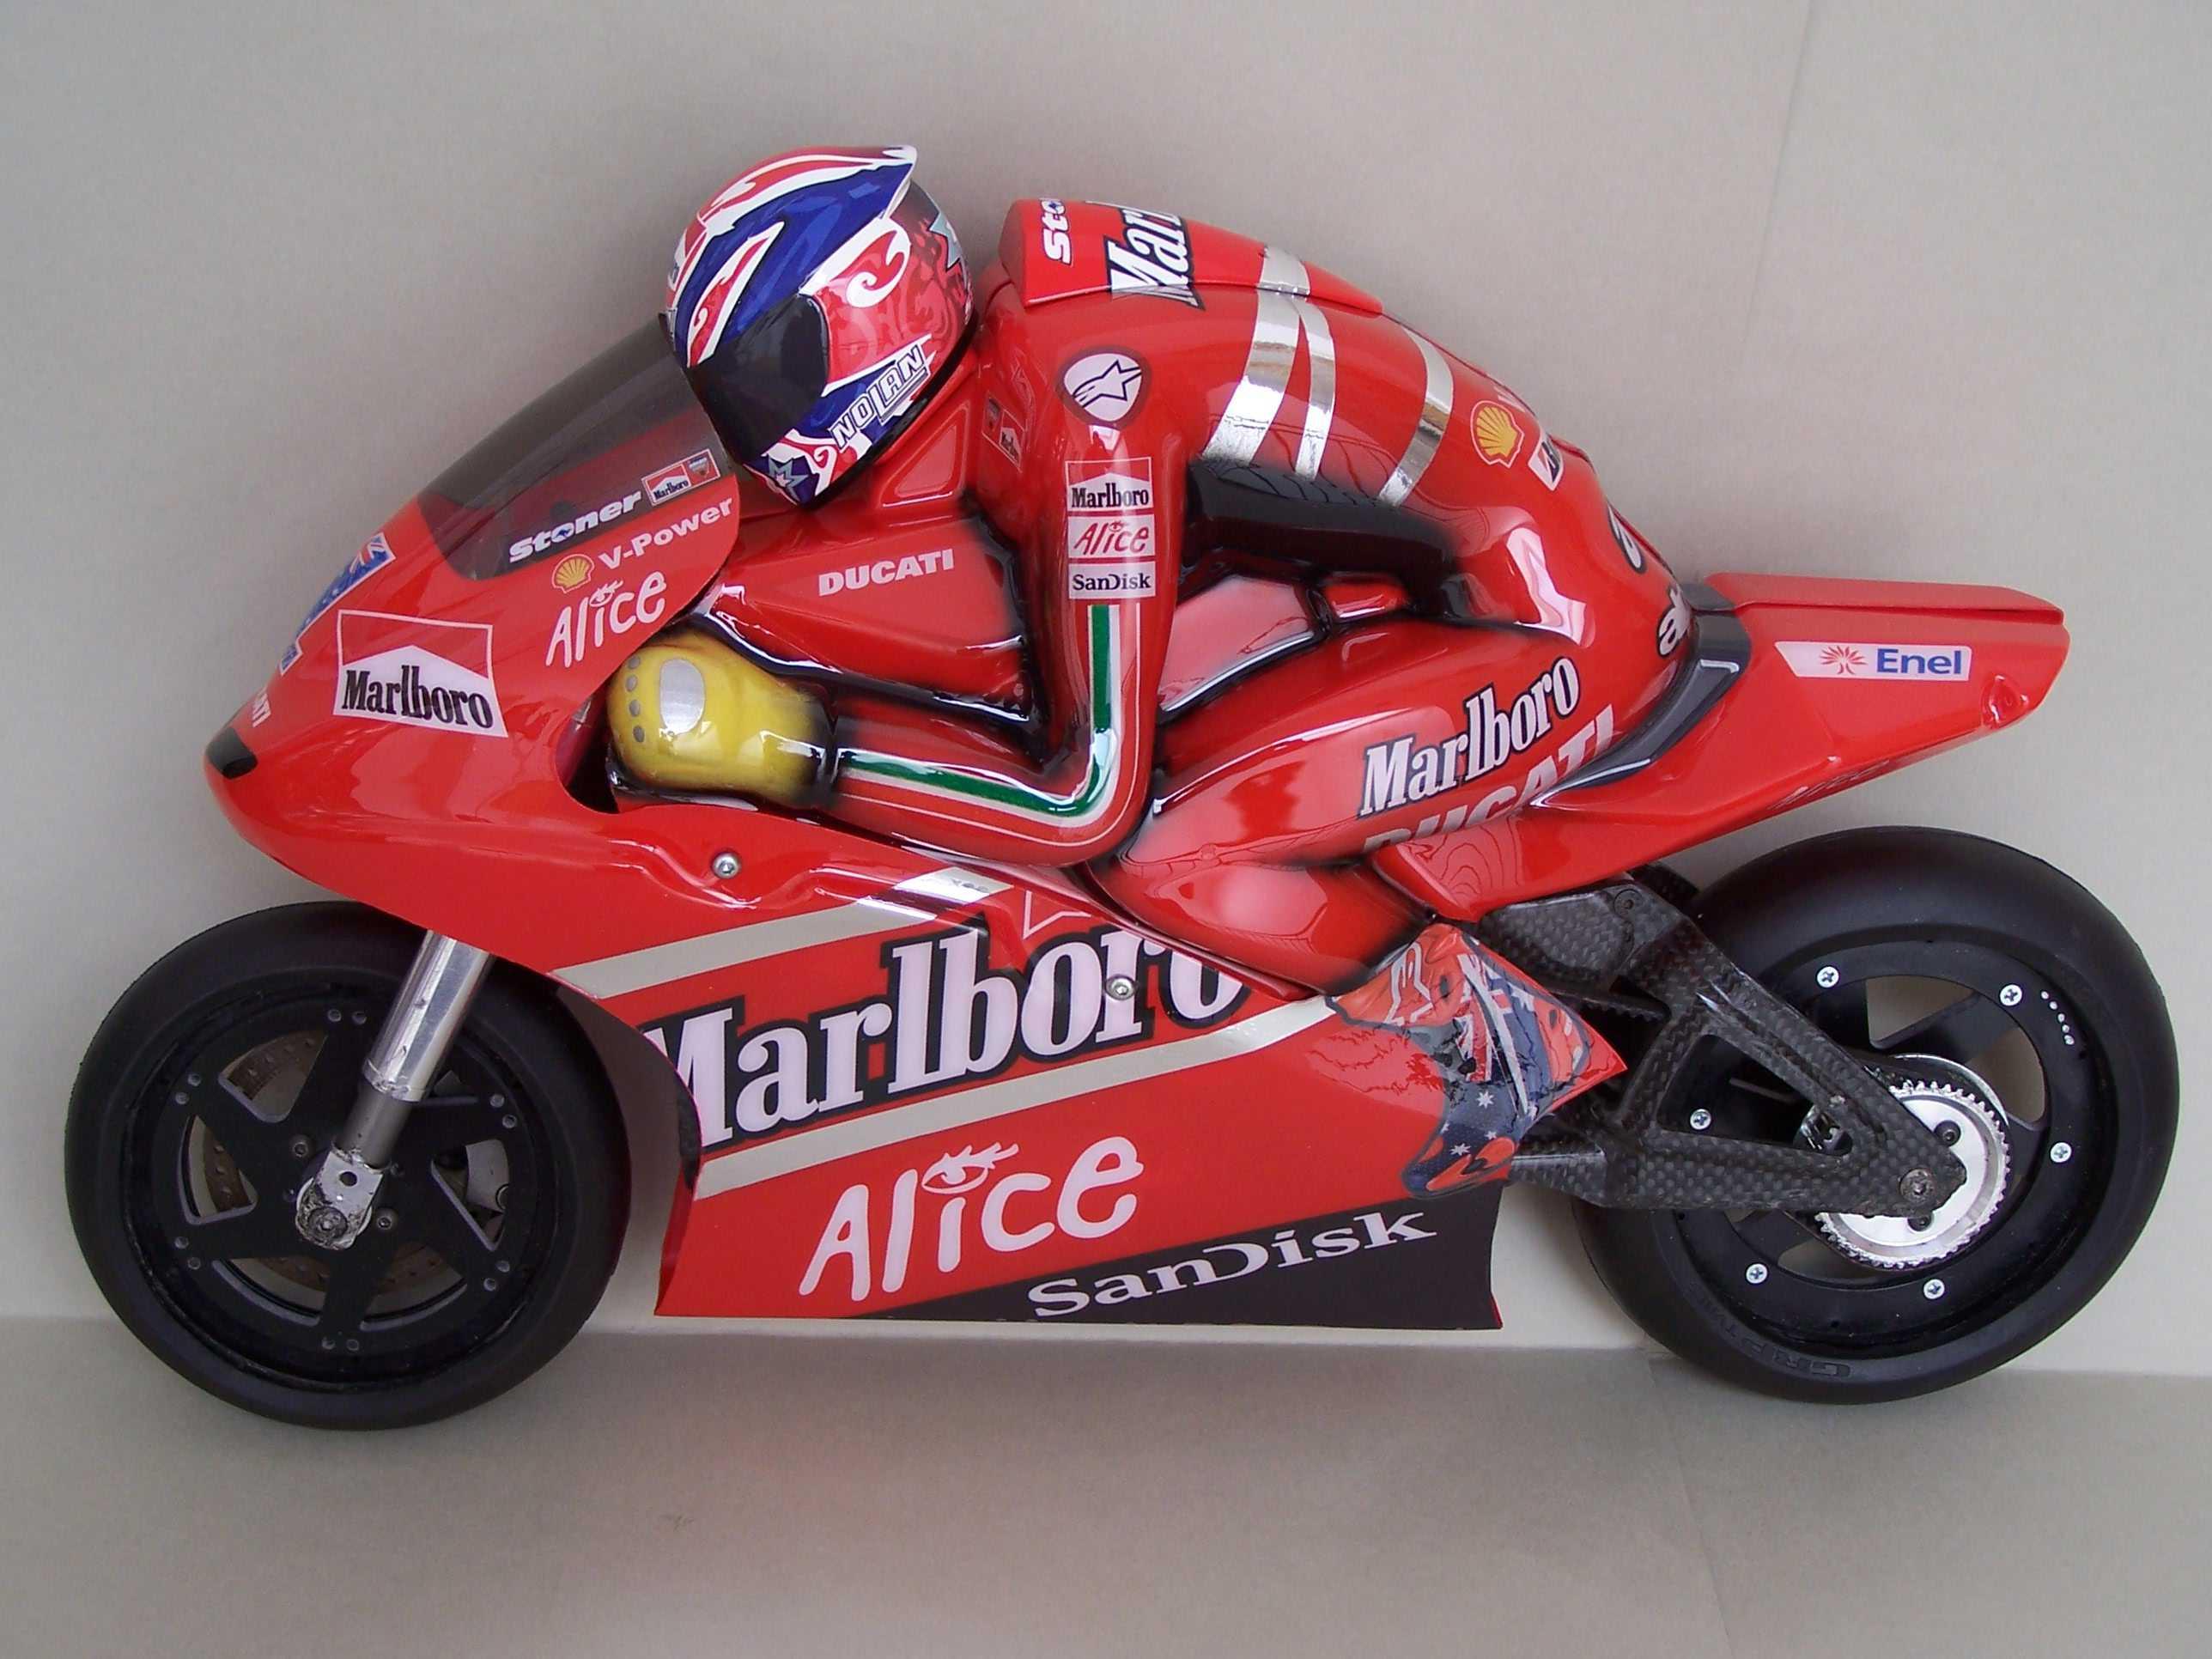 [Marlboro-Ducati-Stoner-2008-6.jpg]